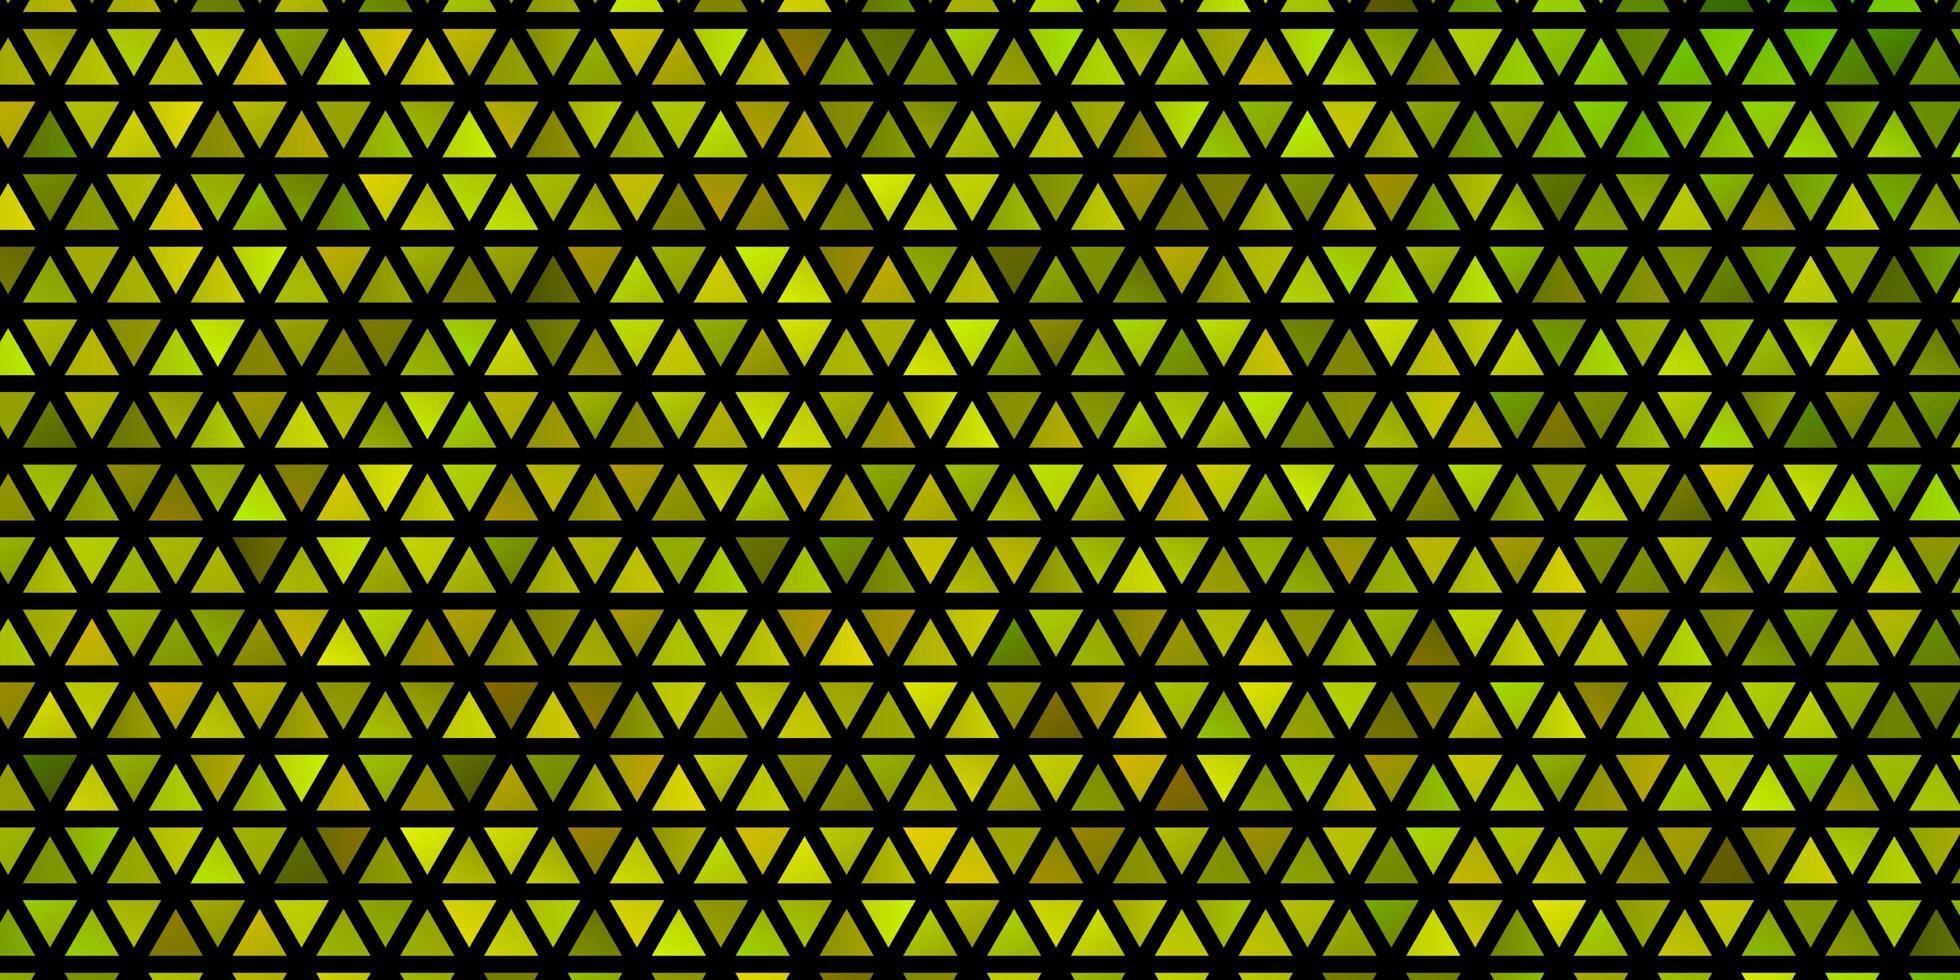 modelo de vetor verde e amarelo claro com cristais, triângulos.